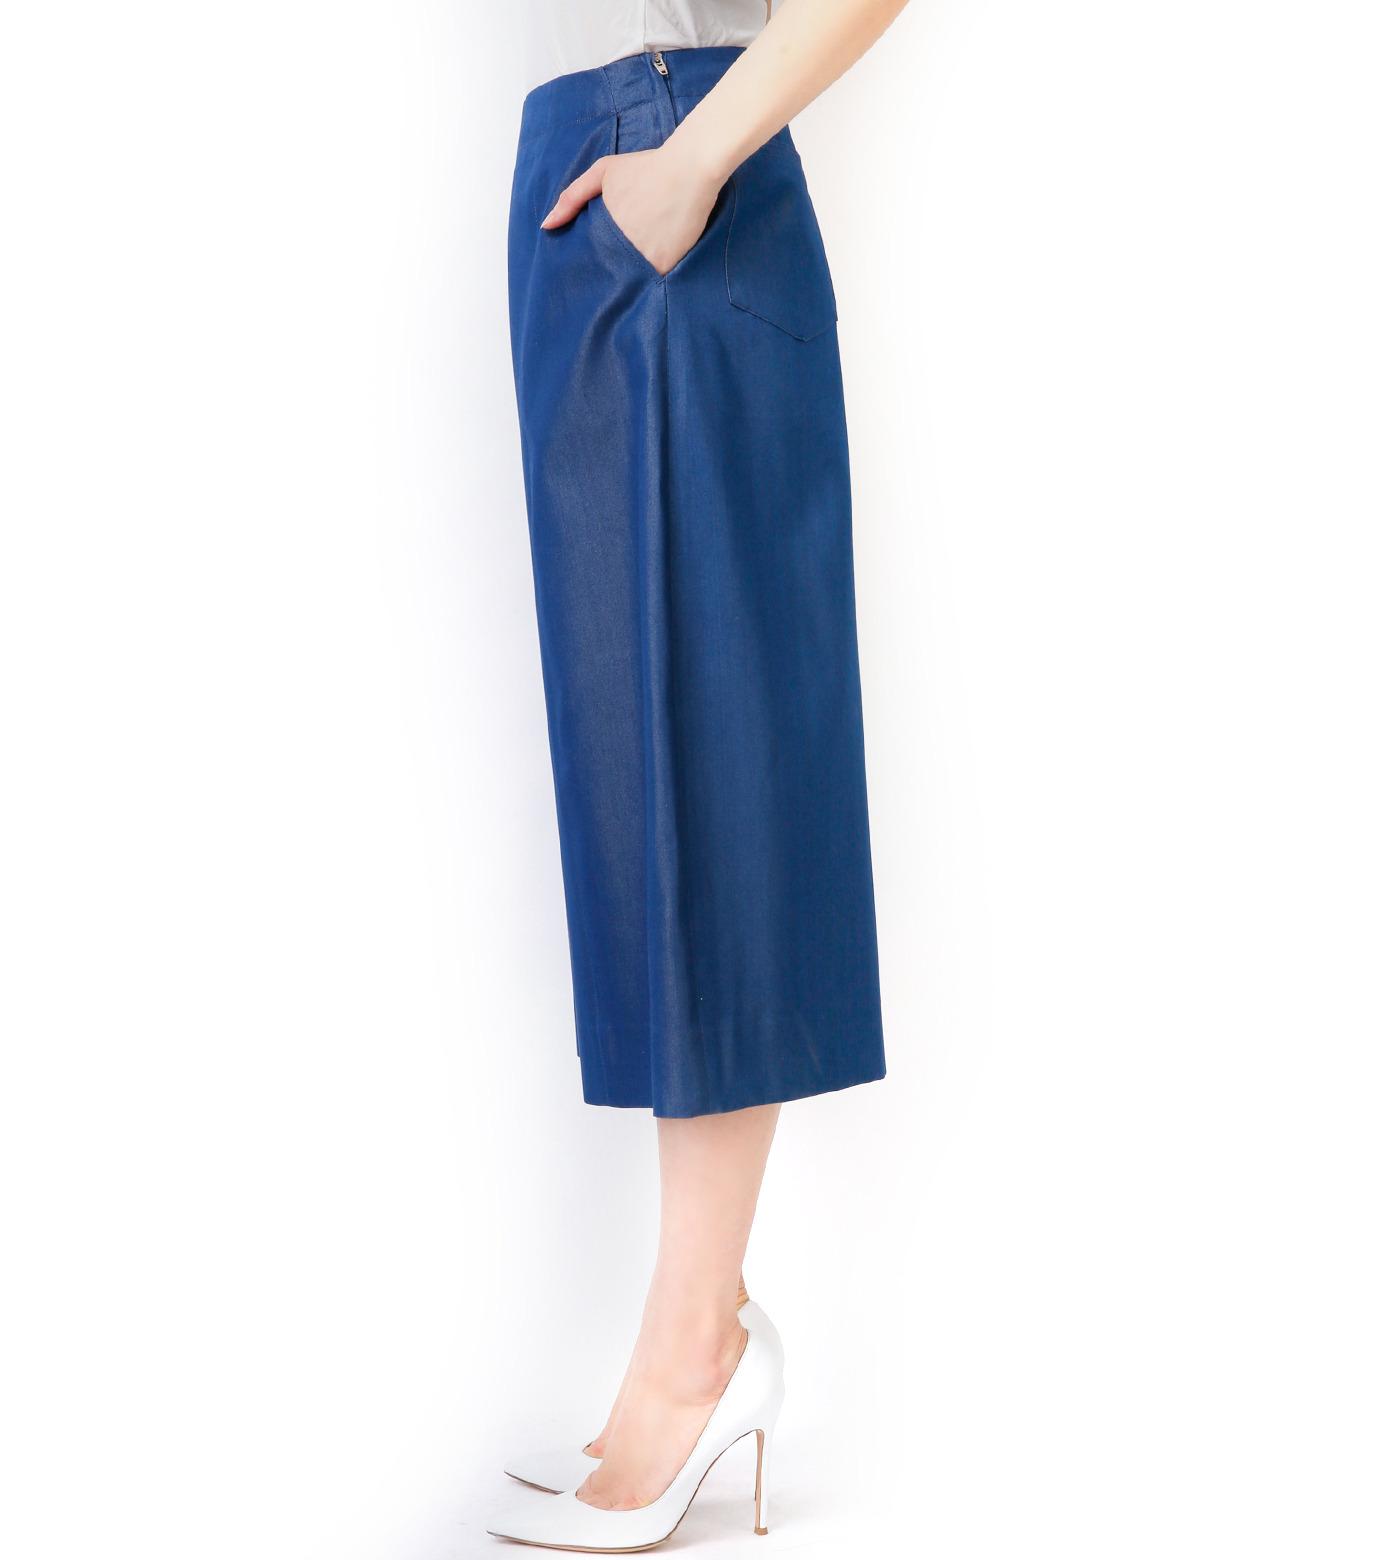 LE CIEL BLEU(ルシェルブルー)のデニムバミューダーパンツ-BLUE(パンツ/pants)-17S68027 拡大詳細画像4